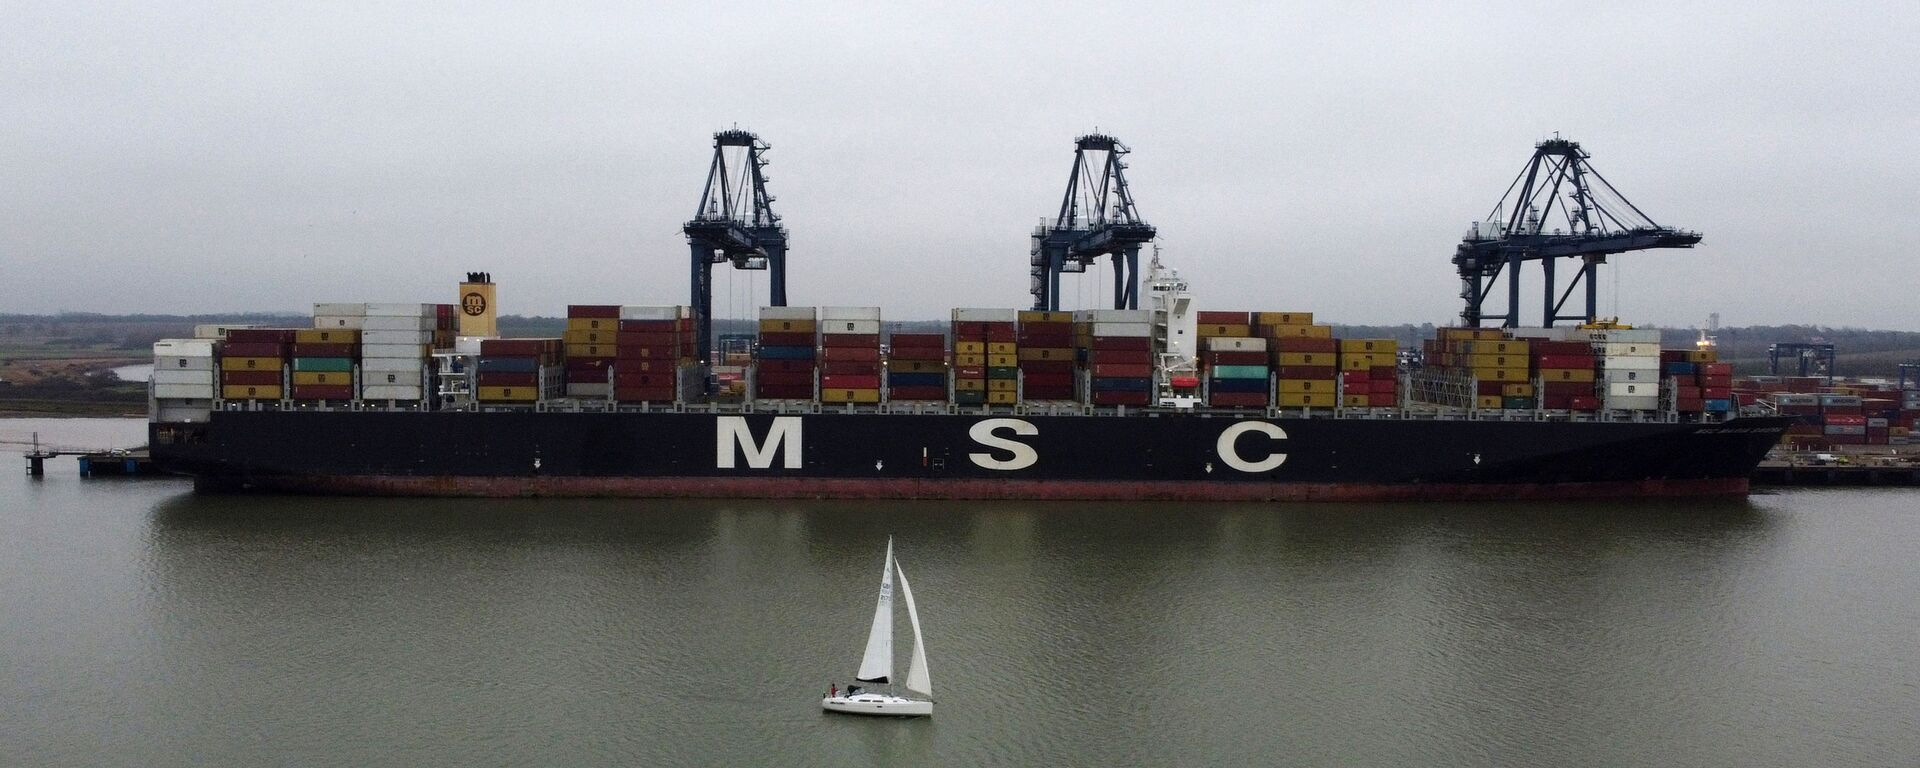 Tàu container MSC. - Sputnik Việt Nam, 1920, 17.03.2021